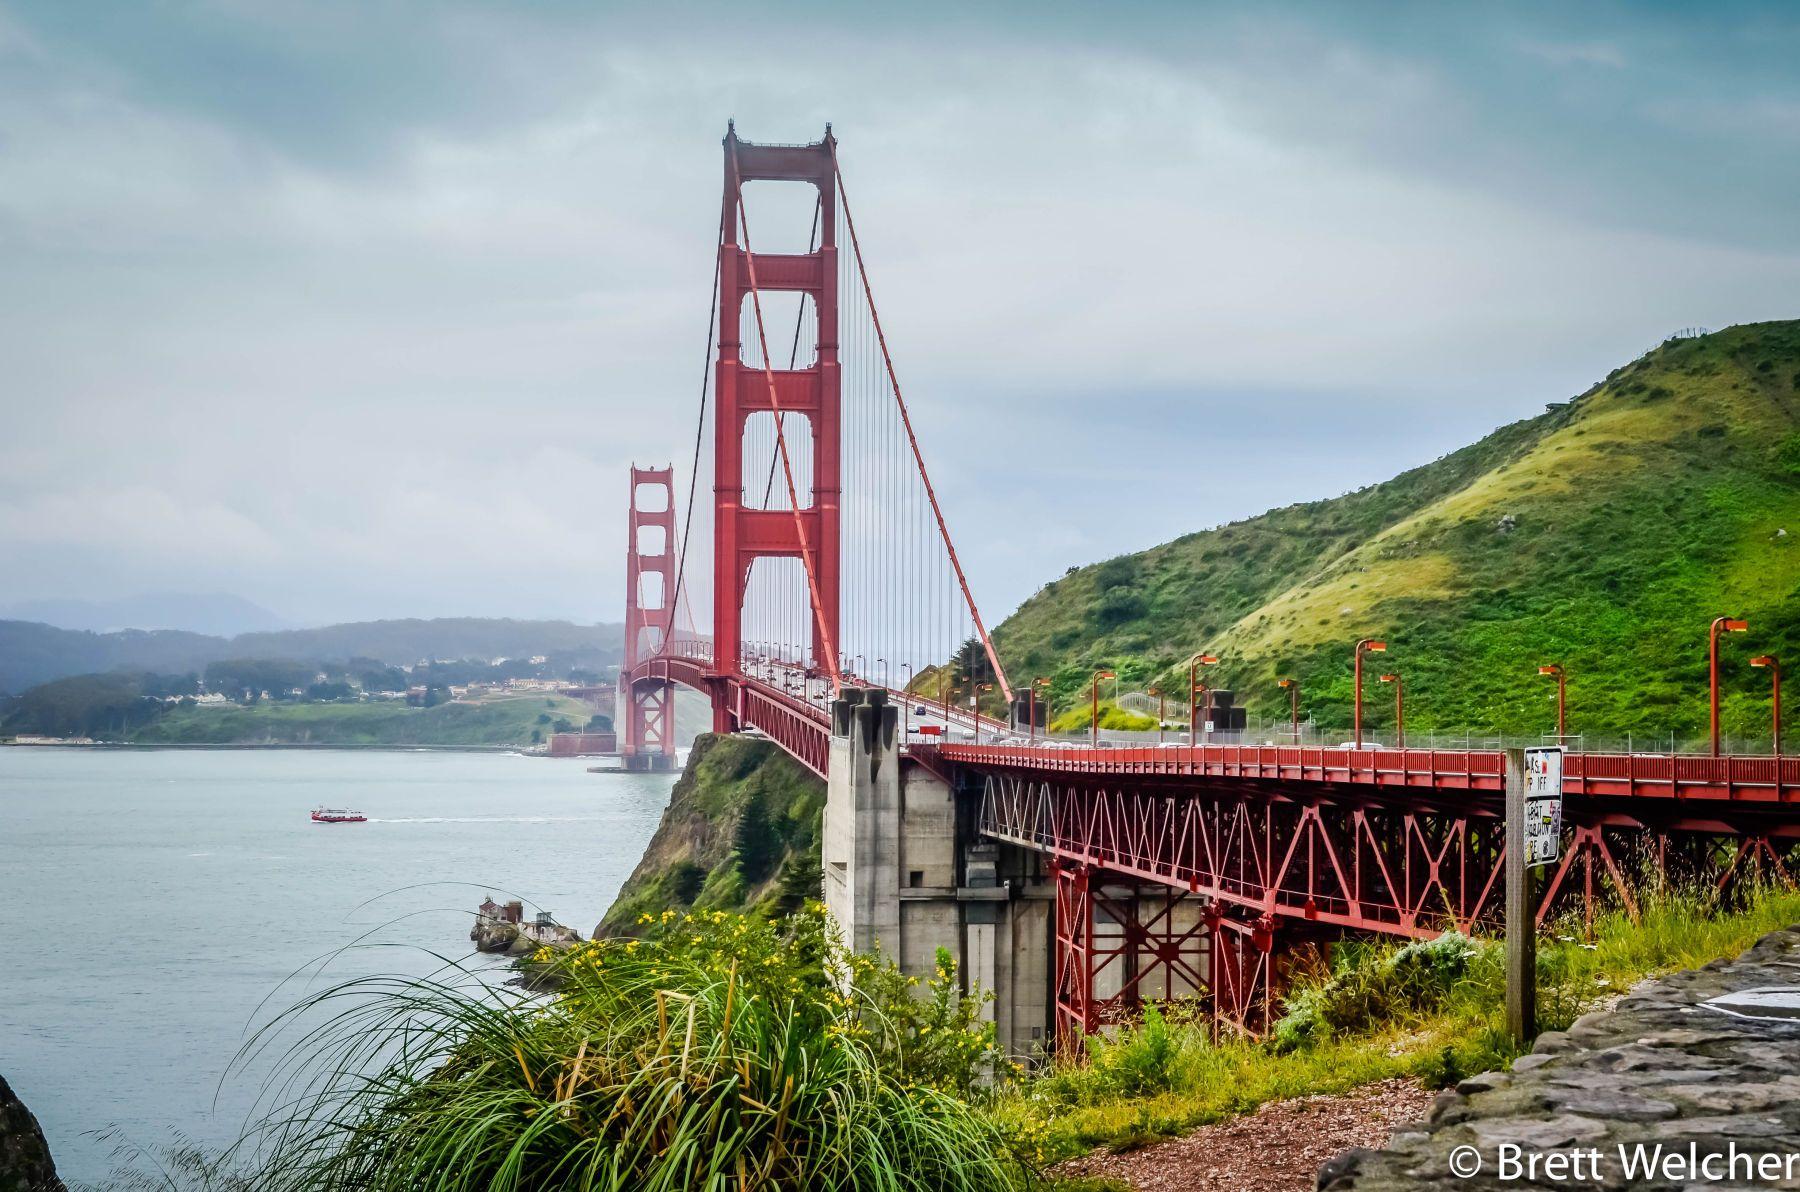 Golden Gate Bridge - San Francisco, Califronia